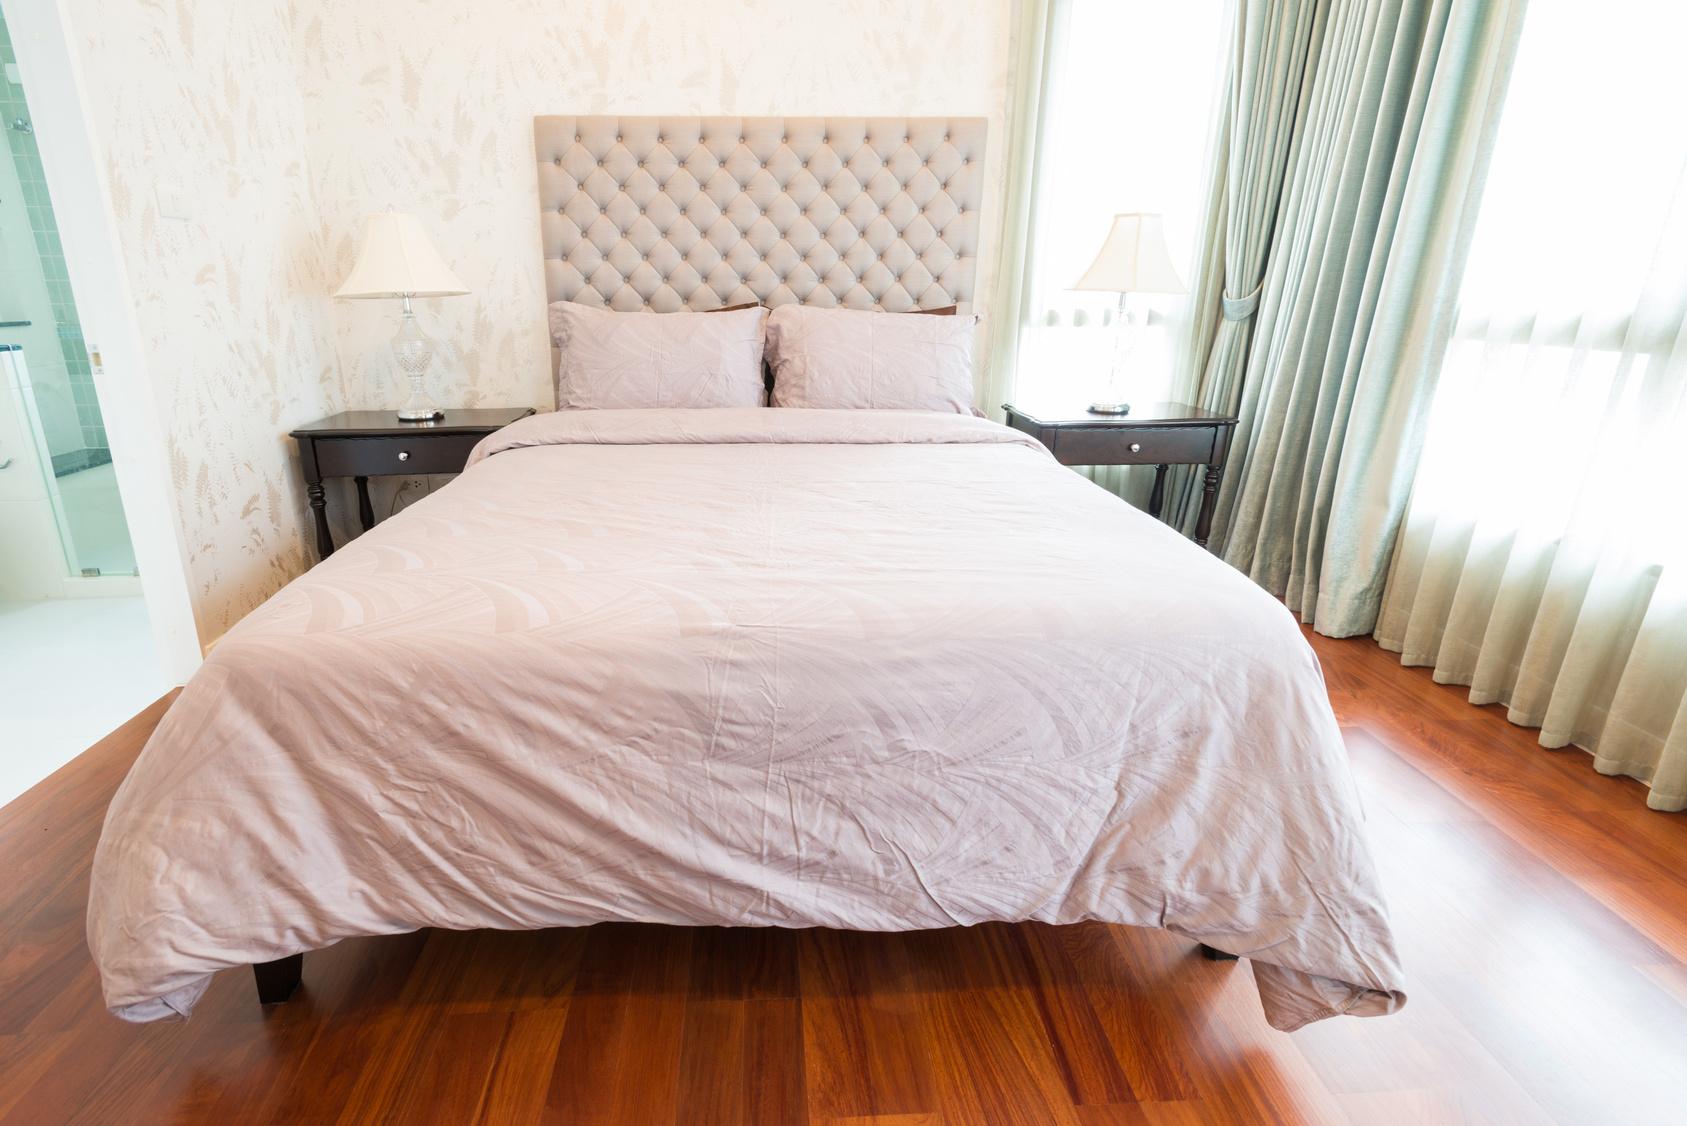 Спальня в хрущевке: интересные идеи для маленьких квартир (25 фото)